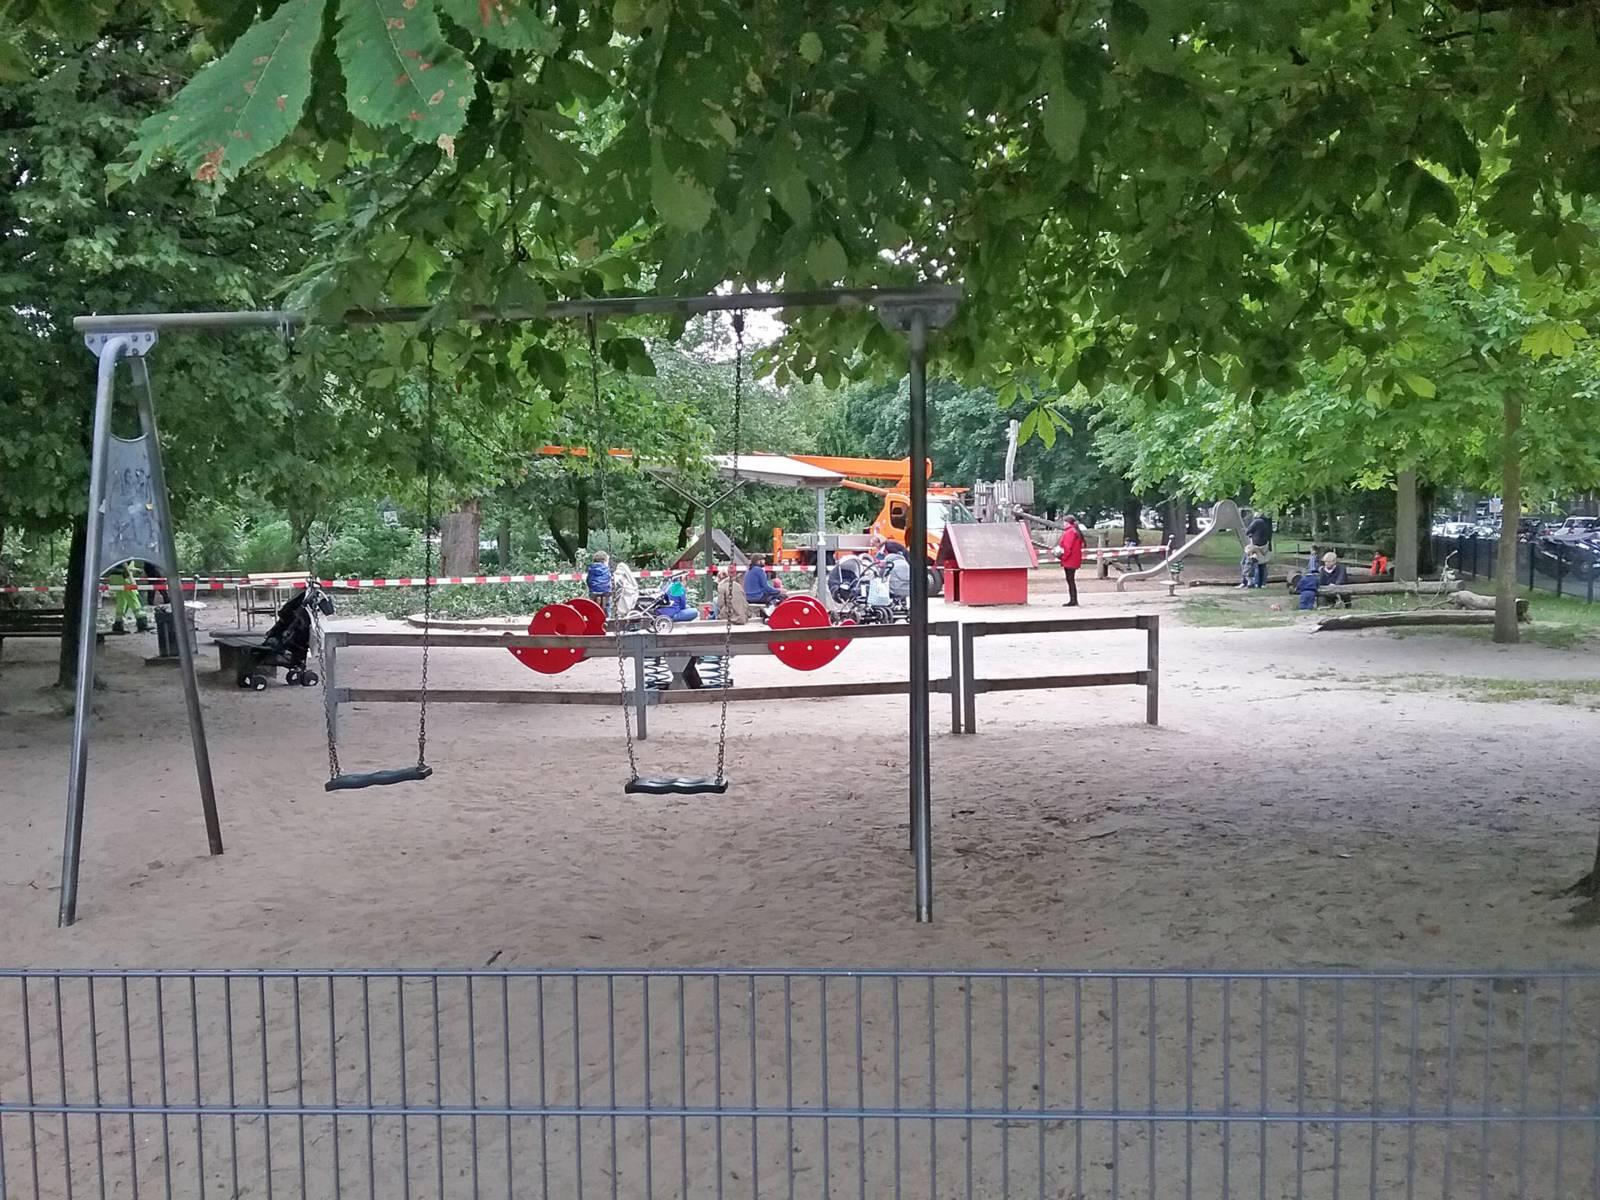 Der Spielplatz mit Spielgeräten wie Schaukel, Wippe und Rutsche befindet sich unter Kastanienbäumen. Kinder spielen dort unter Aufsicht der Erziehungsberechtigten.